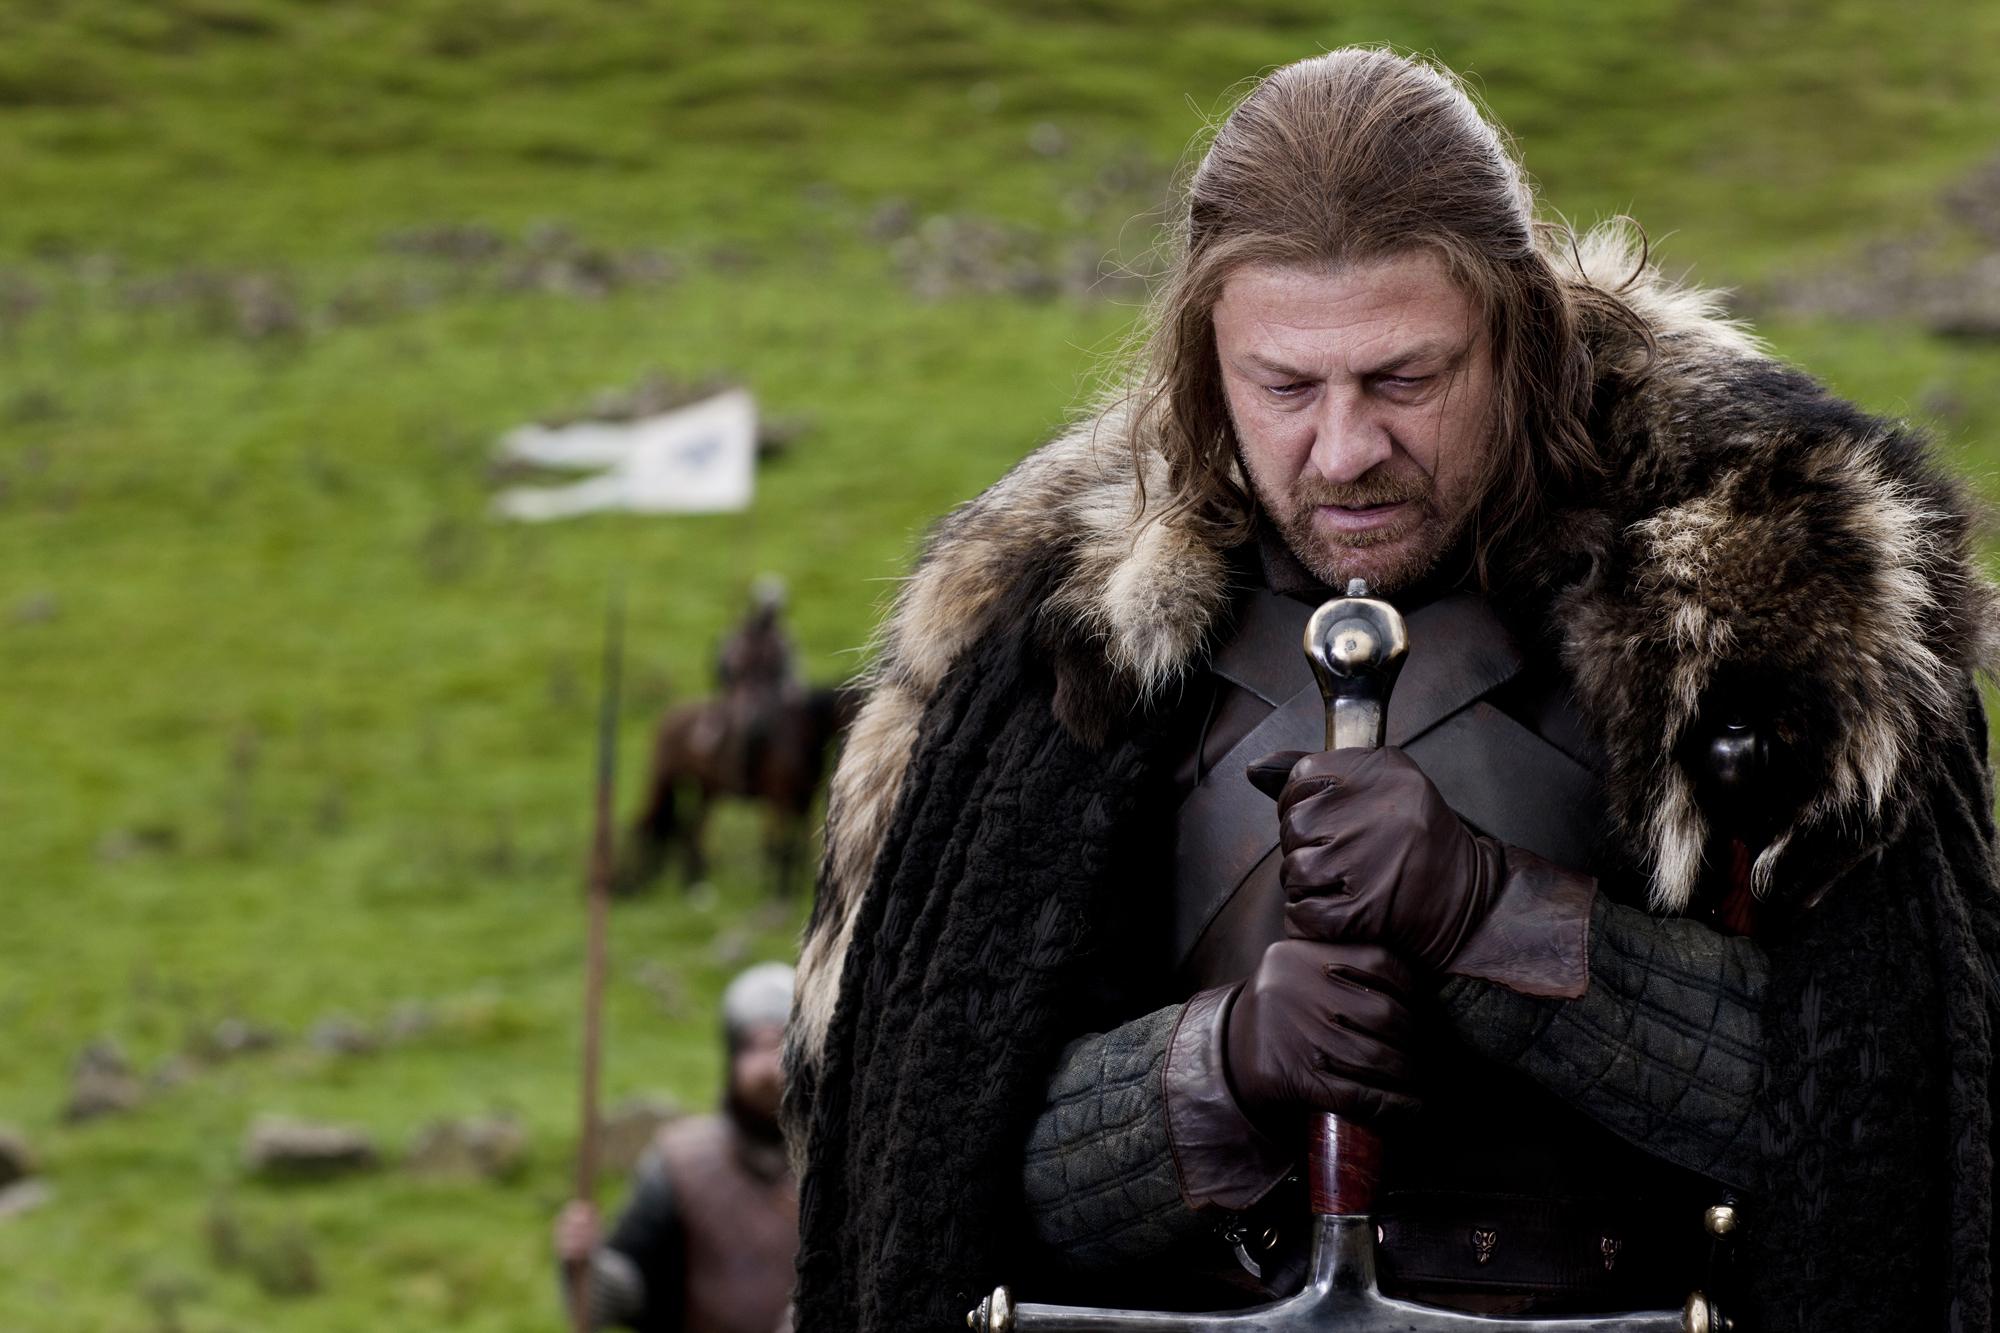 La decadencia de Game of Thrones (Opinión)